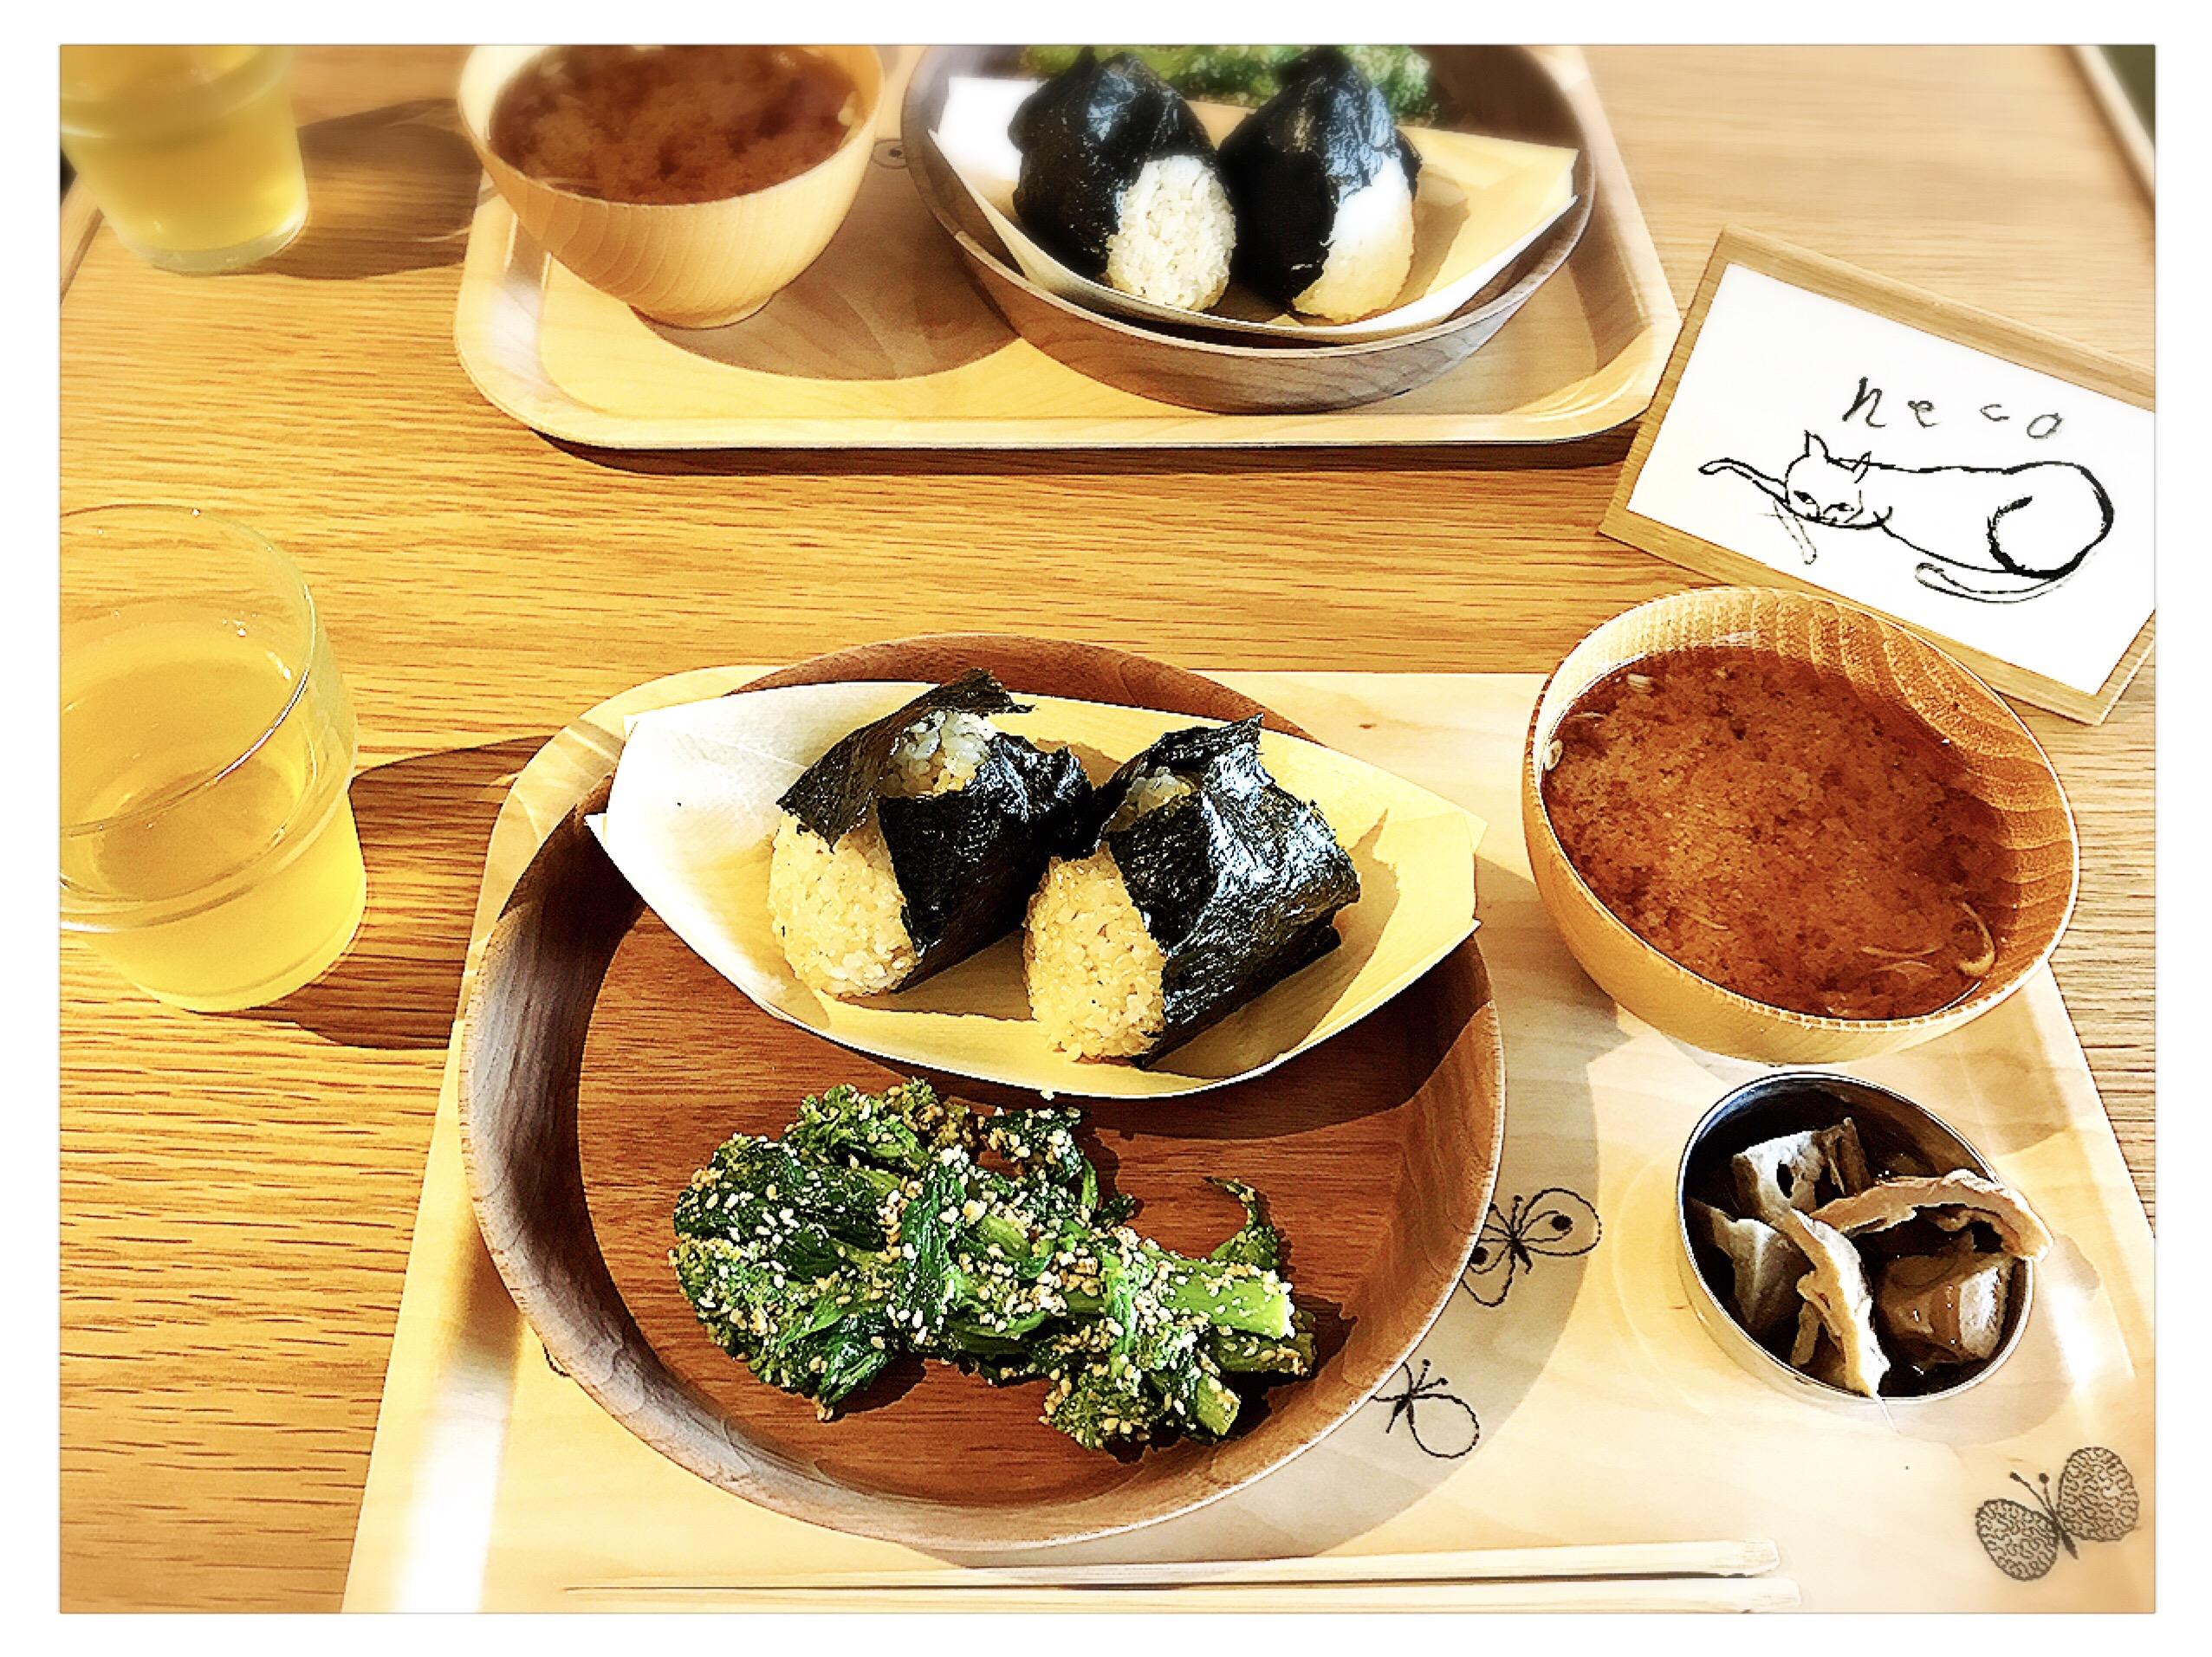 表参道にあるオシャレな北欧カフェでほっこりランチ